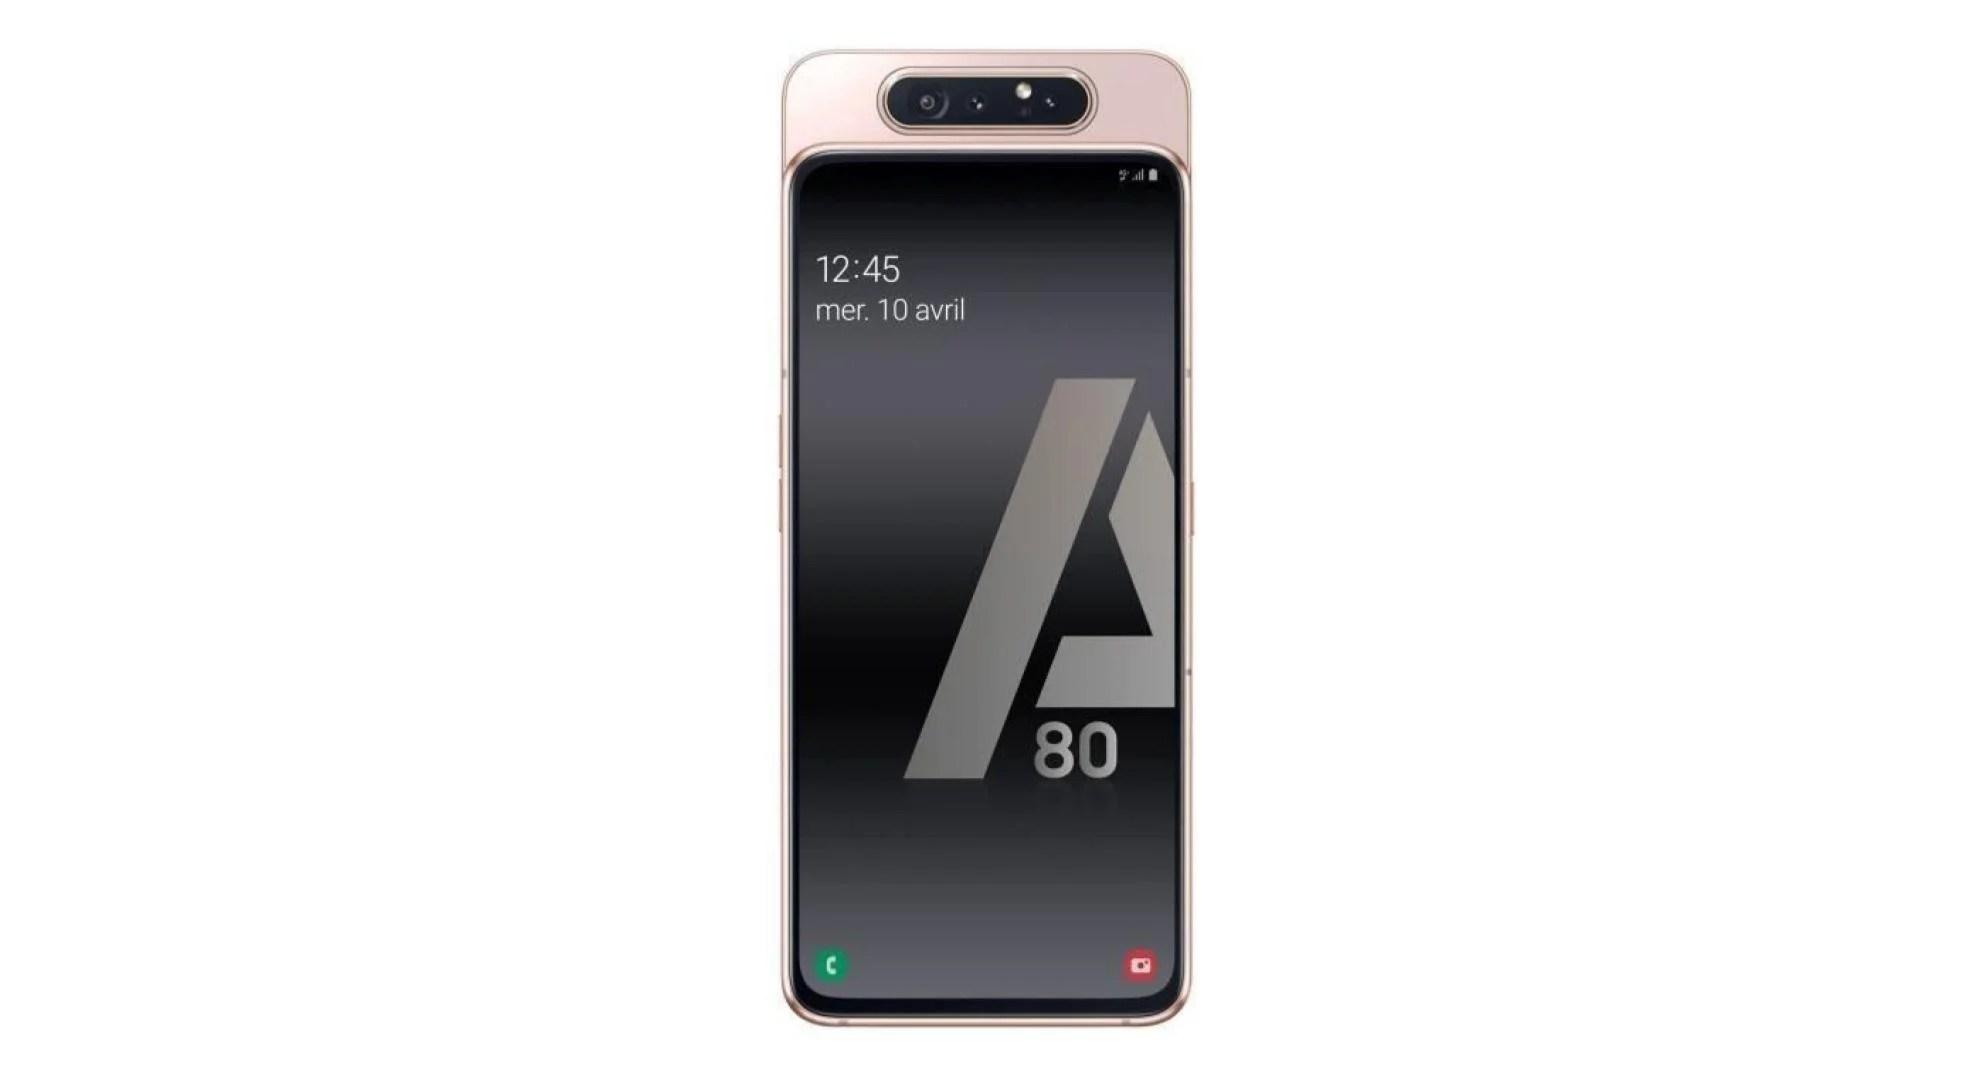 Baisse de prix : le Samsung Galaxy A80 est disponible à 516 euros sur Cdiscount